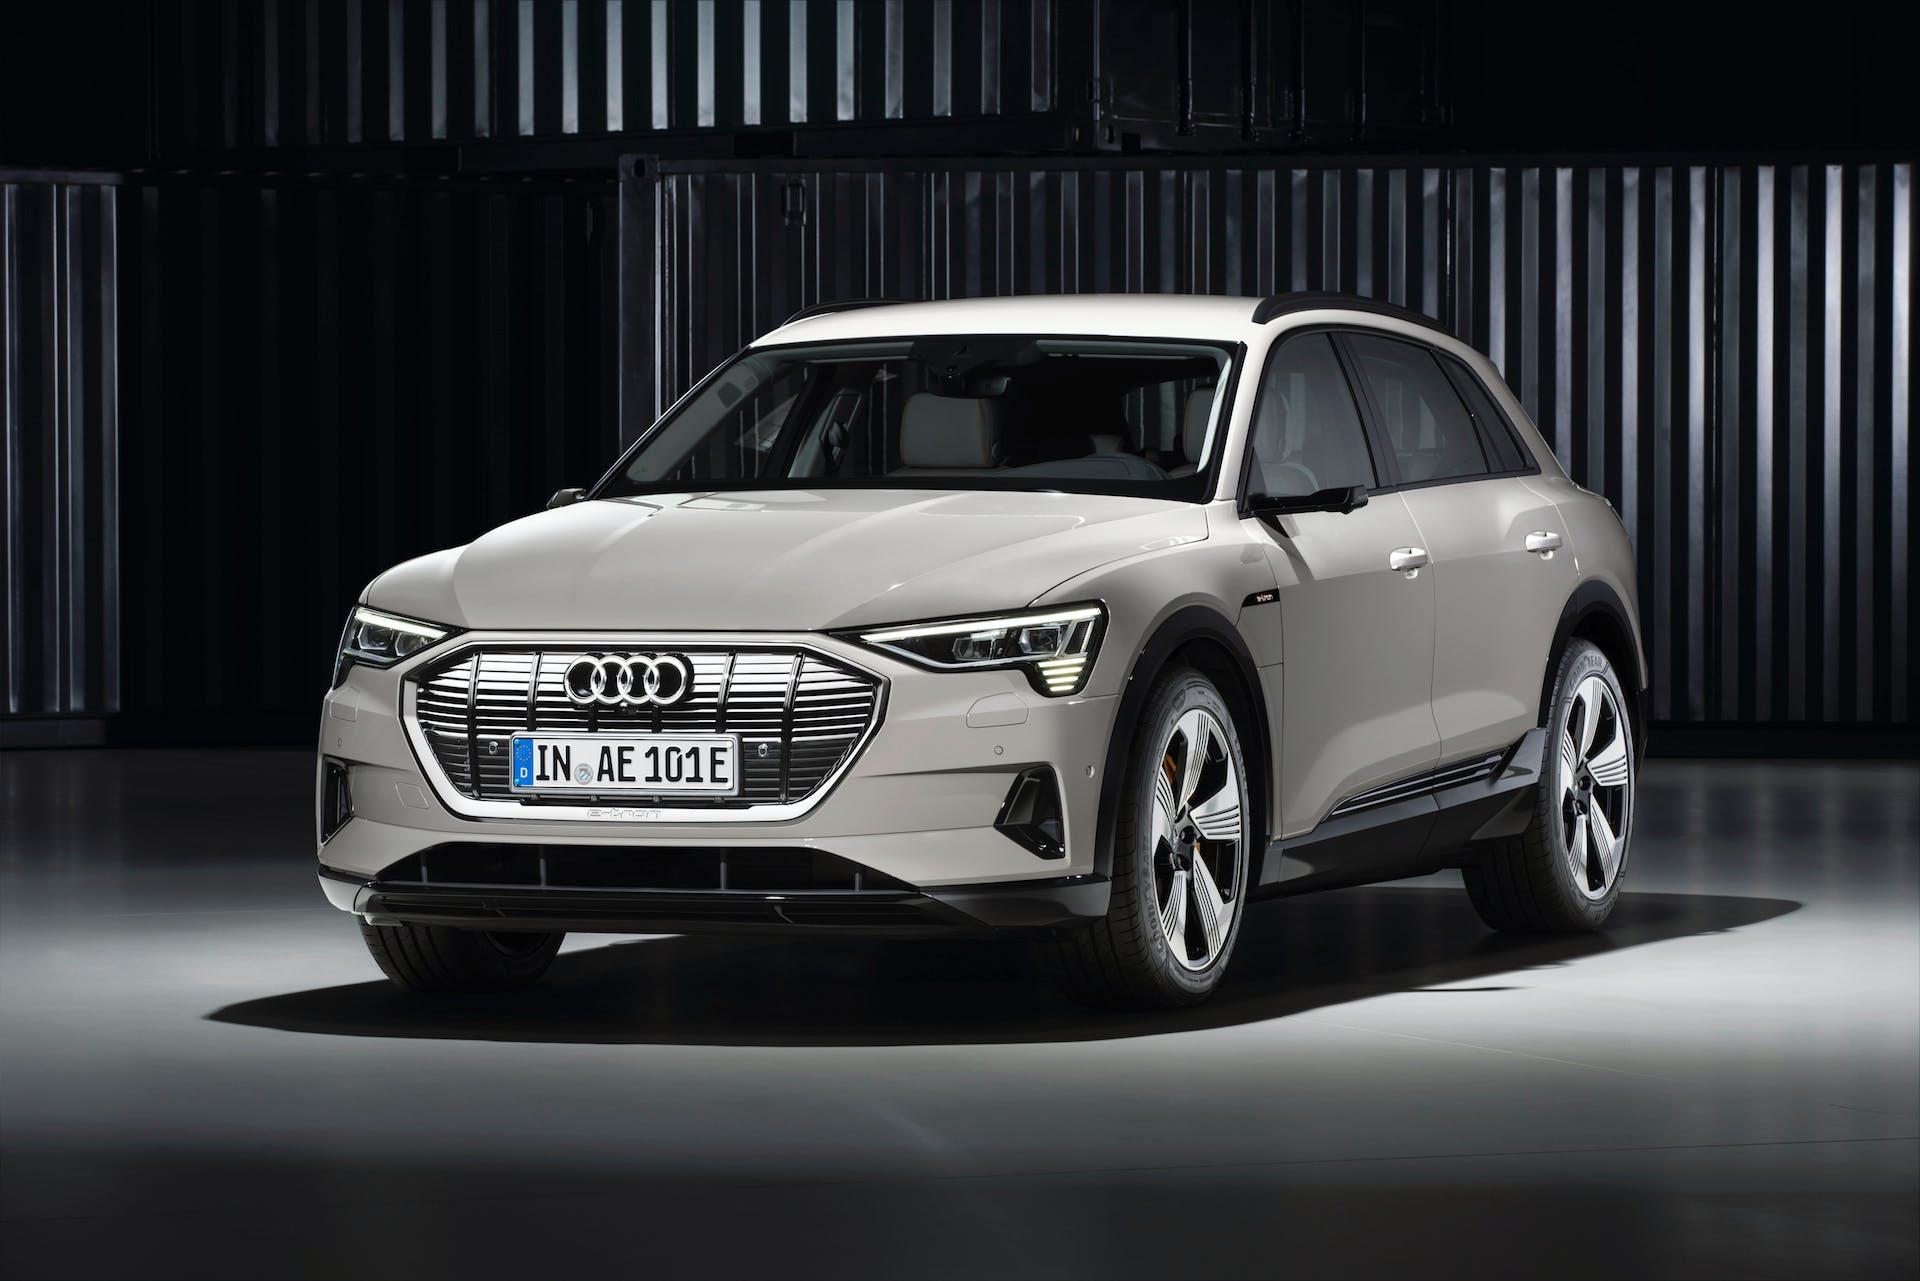 Audi e-tron bianca 3/4 anteriore